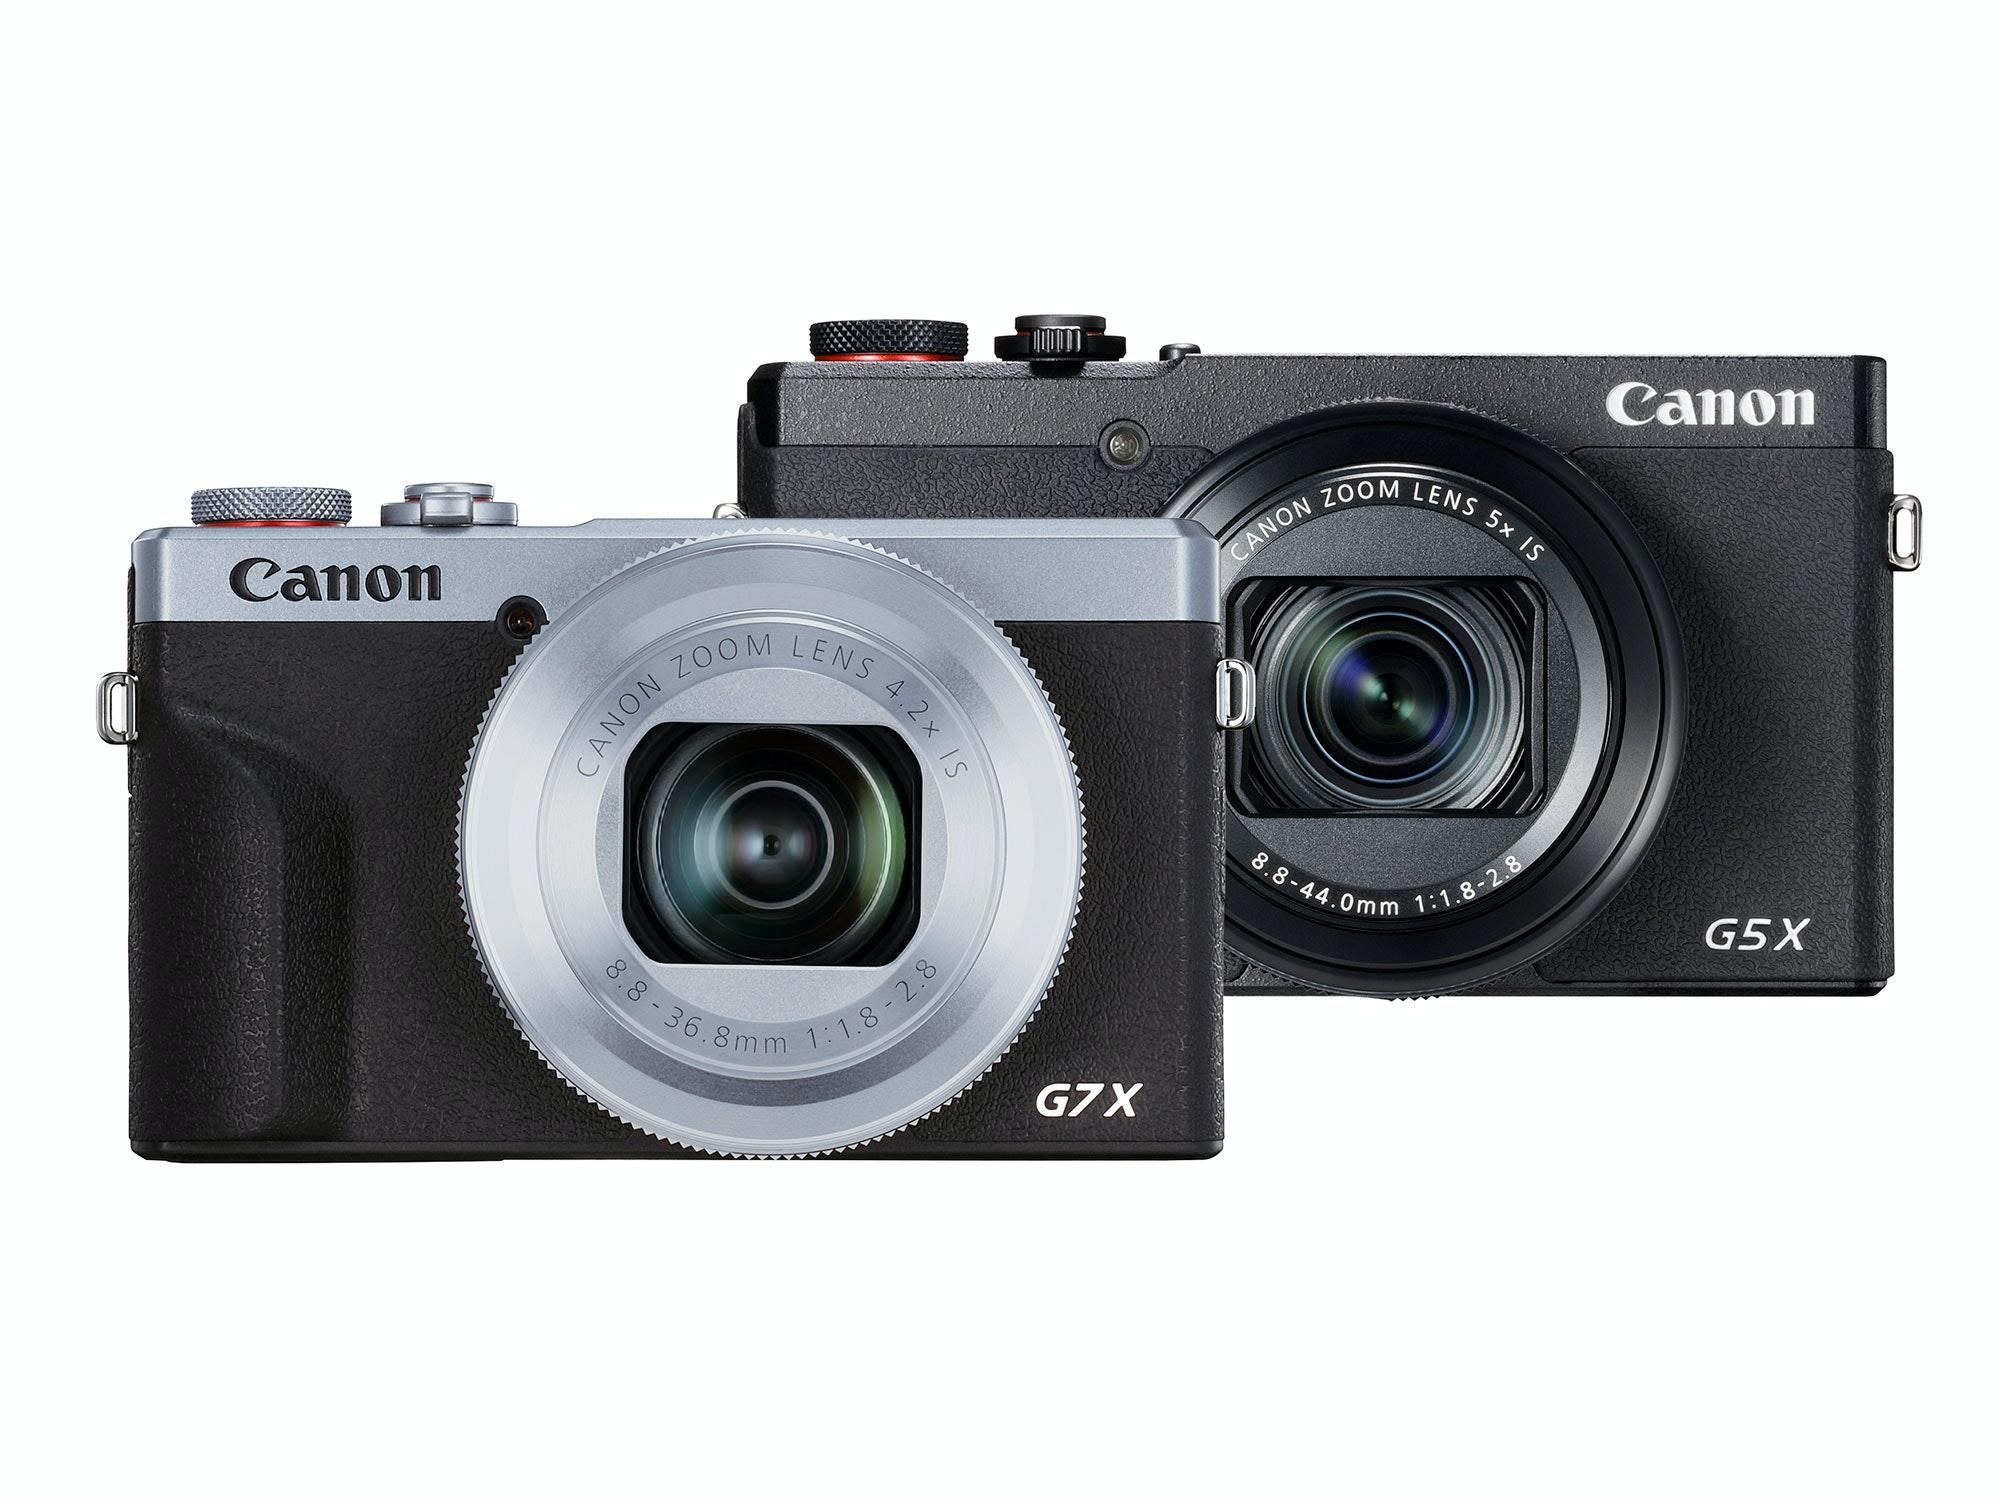 digitalt fotografiapparat tilbud